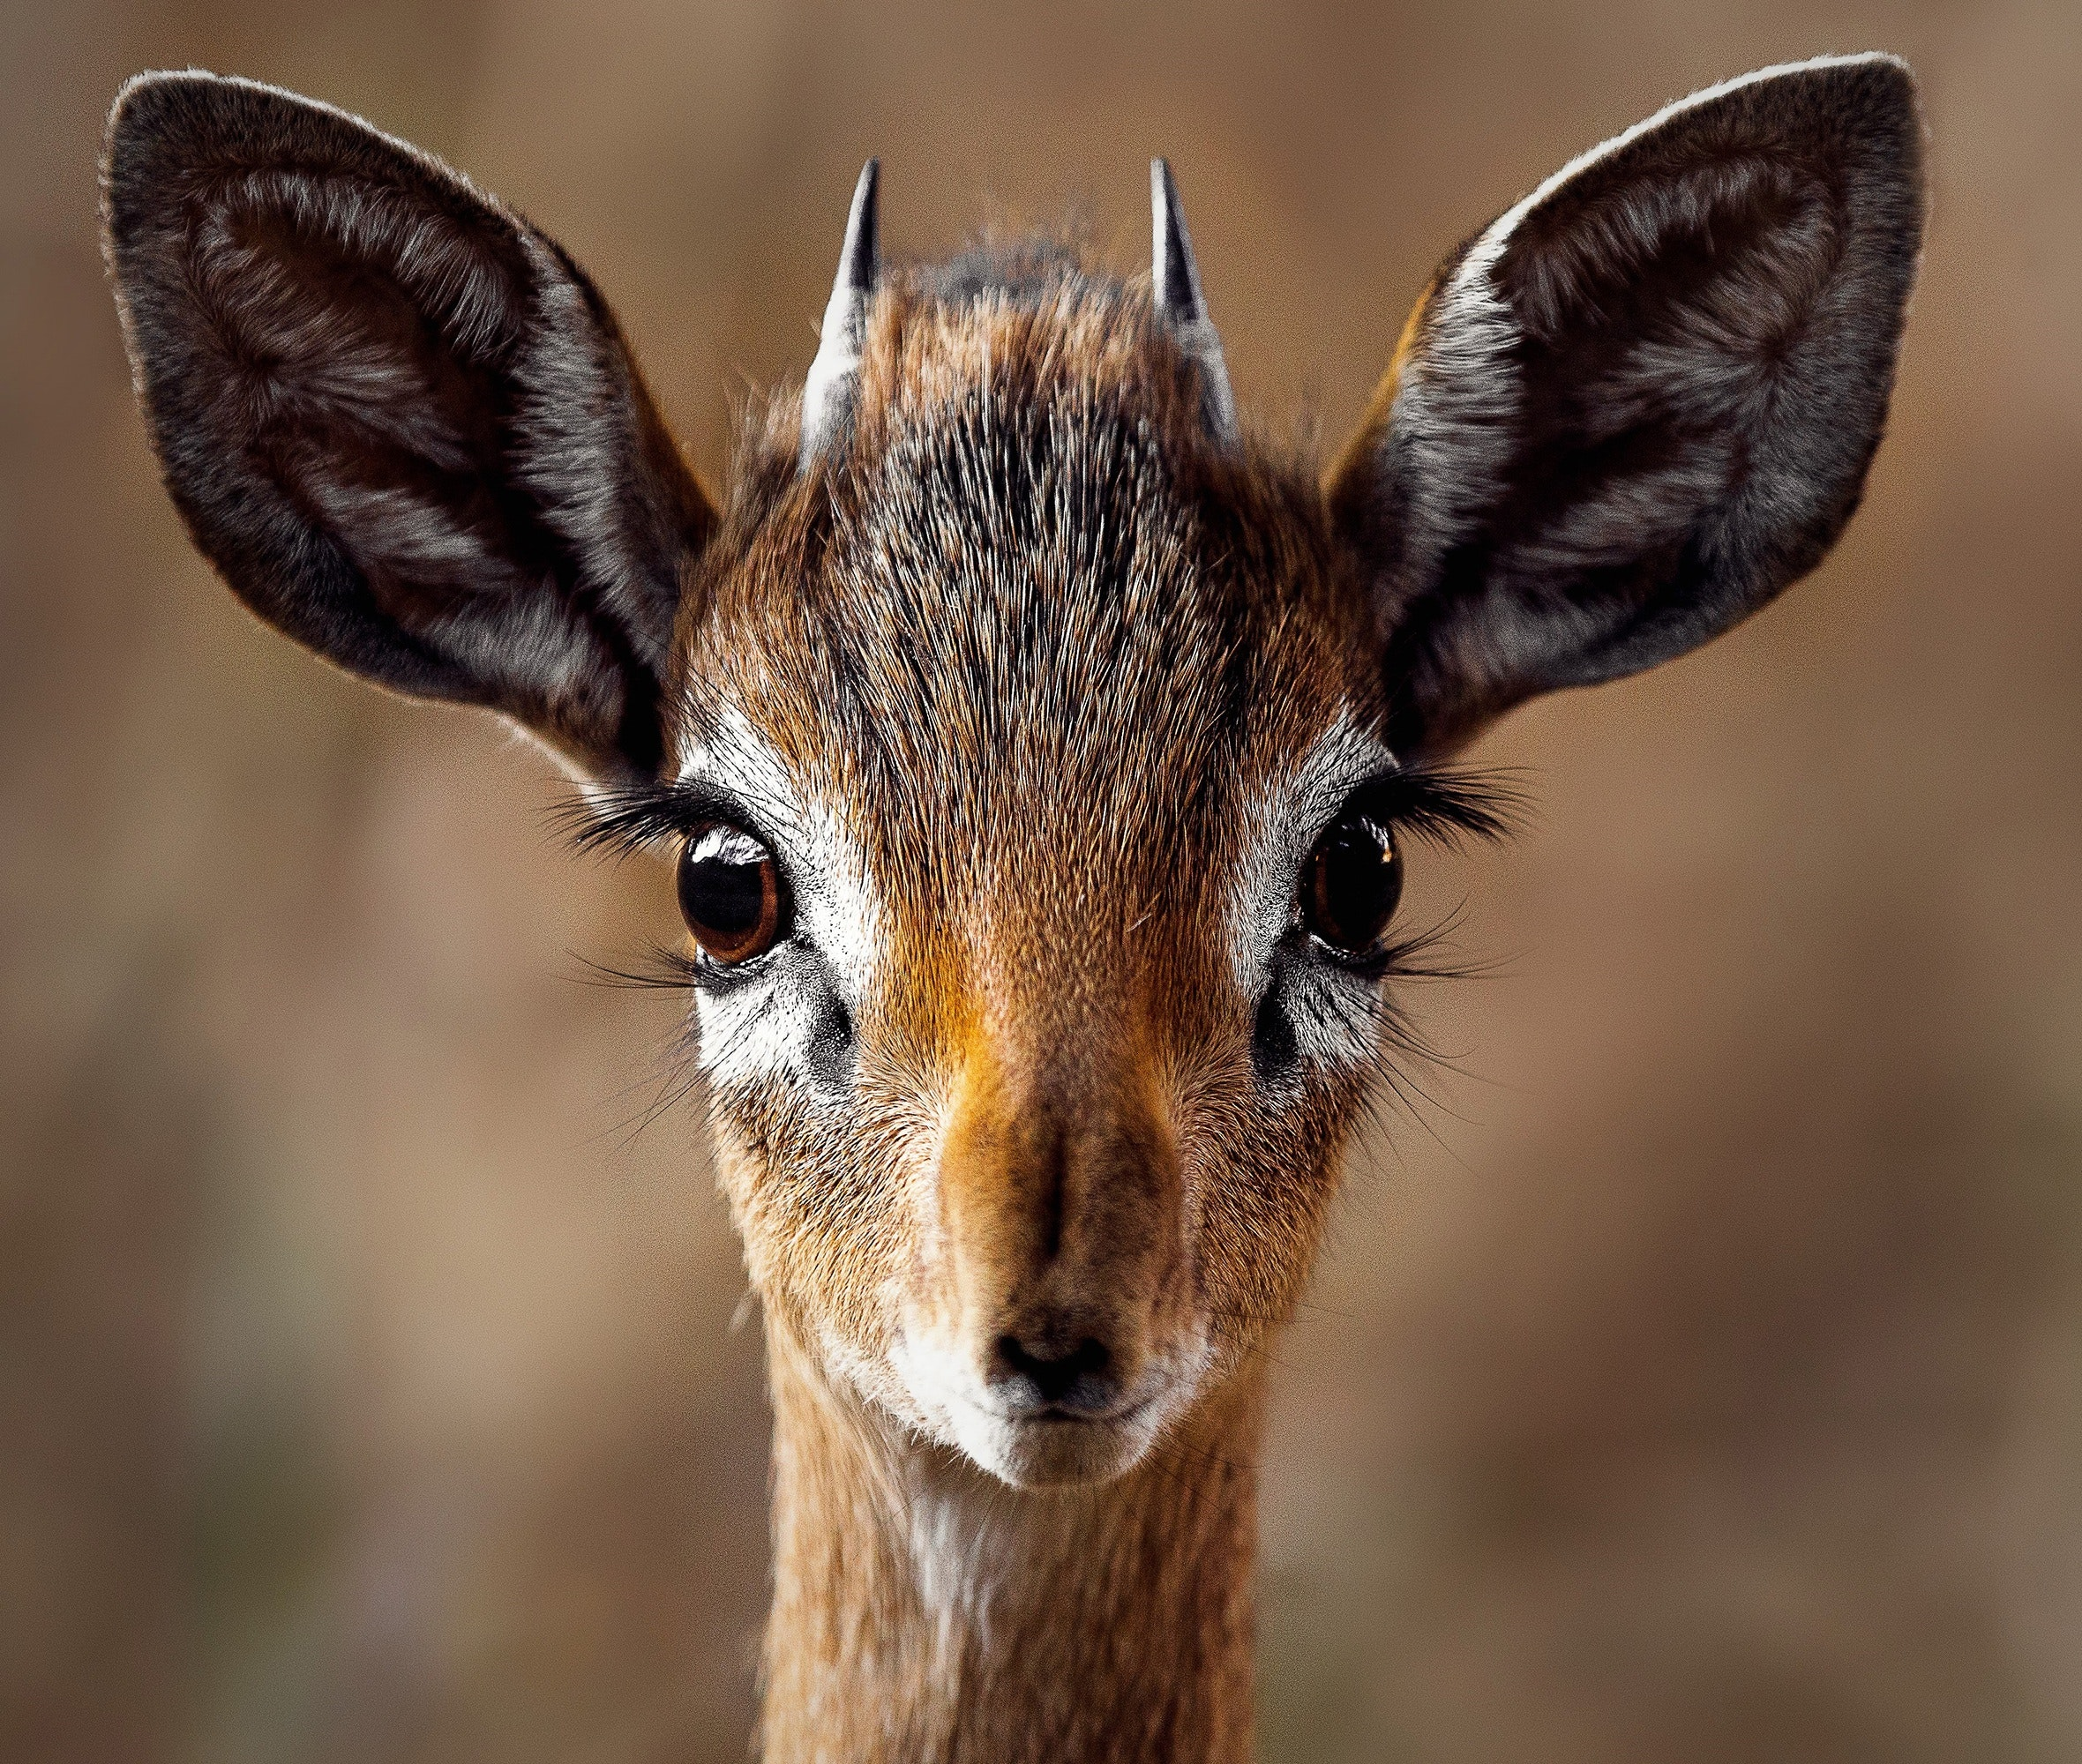 animal-antelope-close-up-257558.jpg